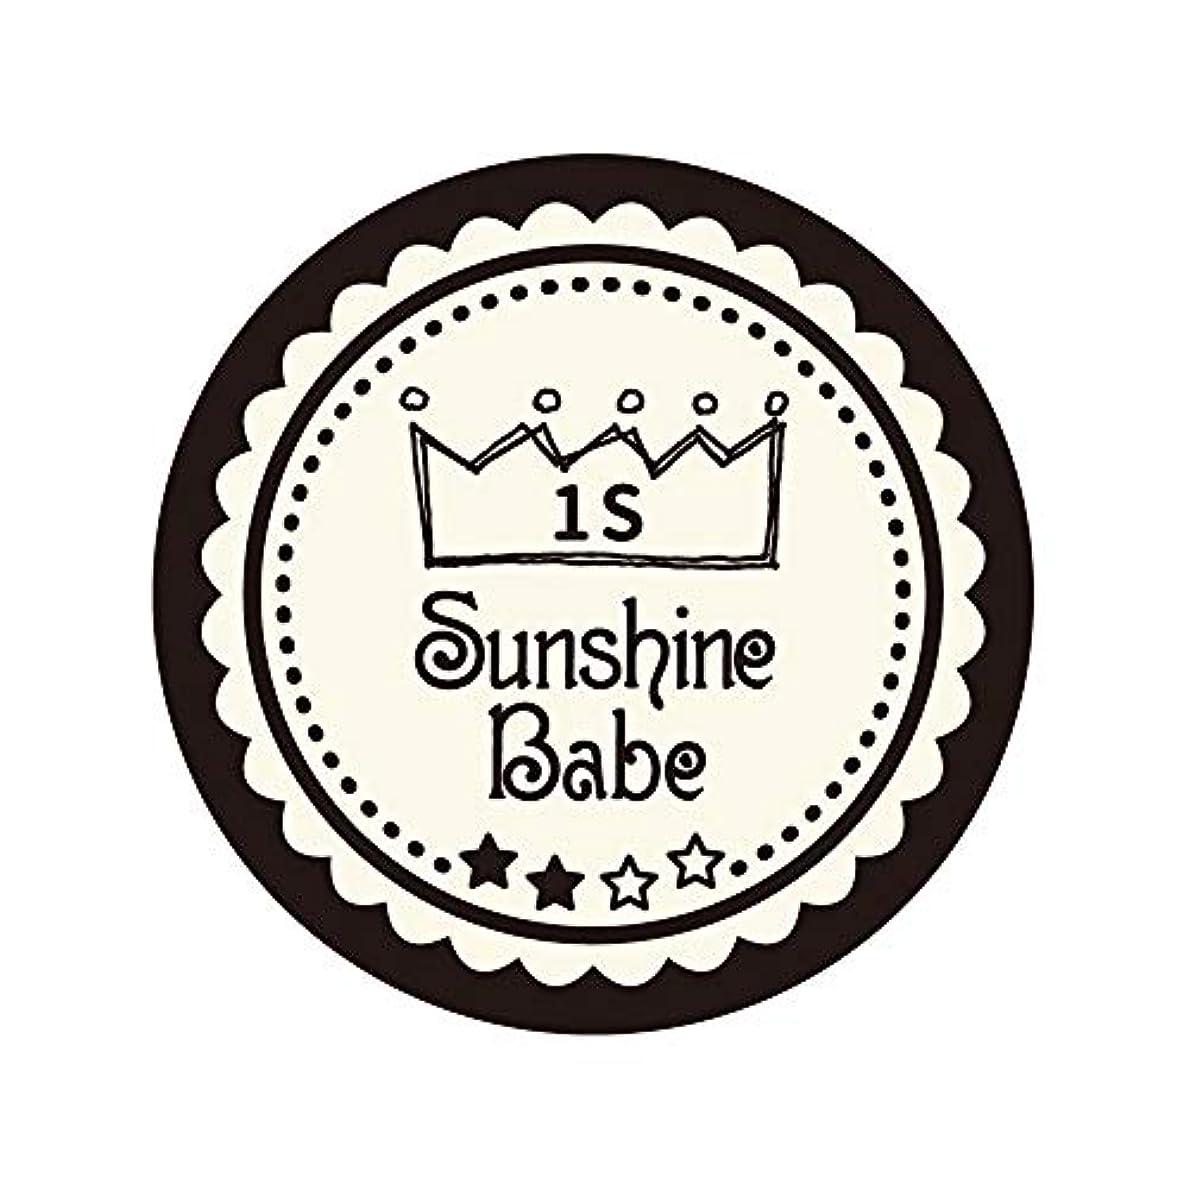 スペイン語望むフライカイトSunshine Babe カラージェル 1S ココナッツミルク 2.7g UV/LED対応